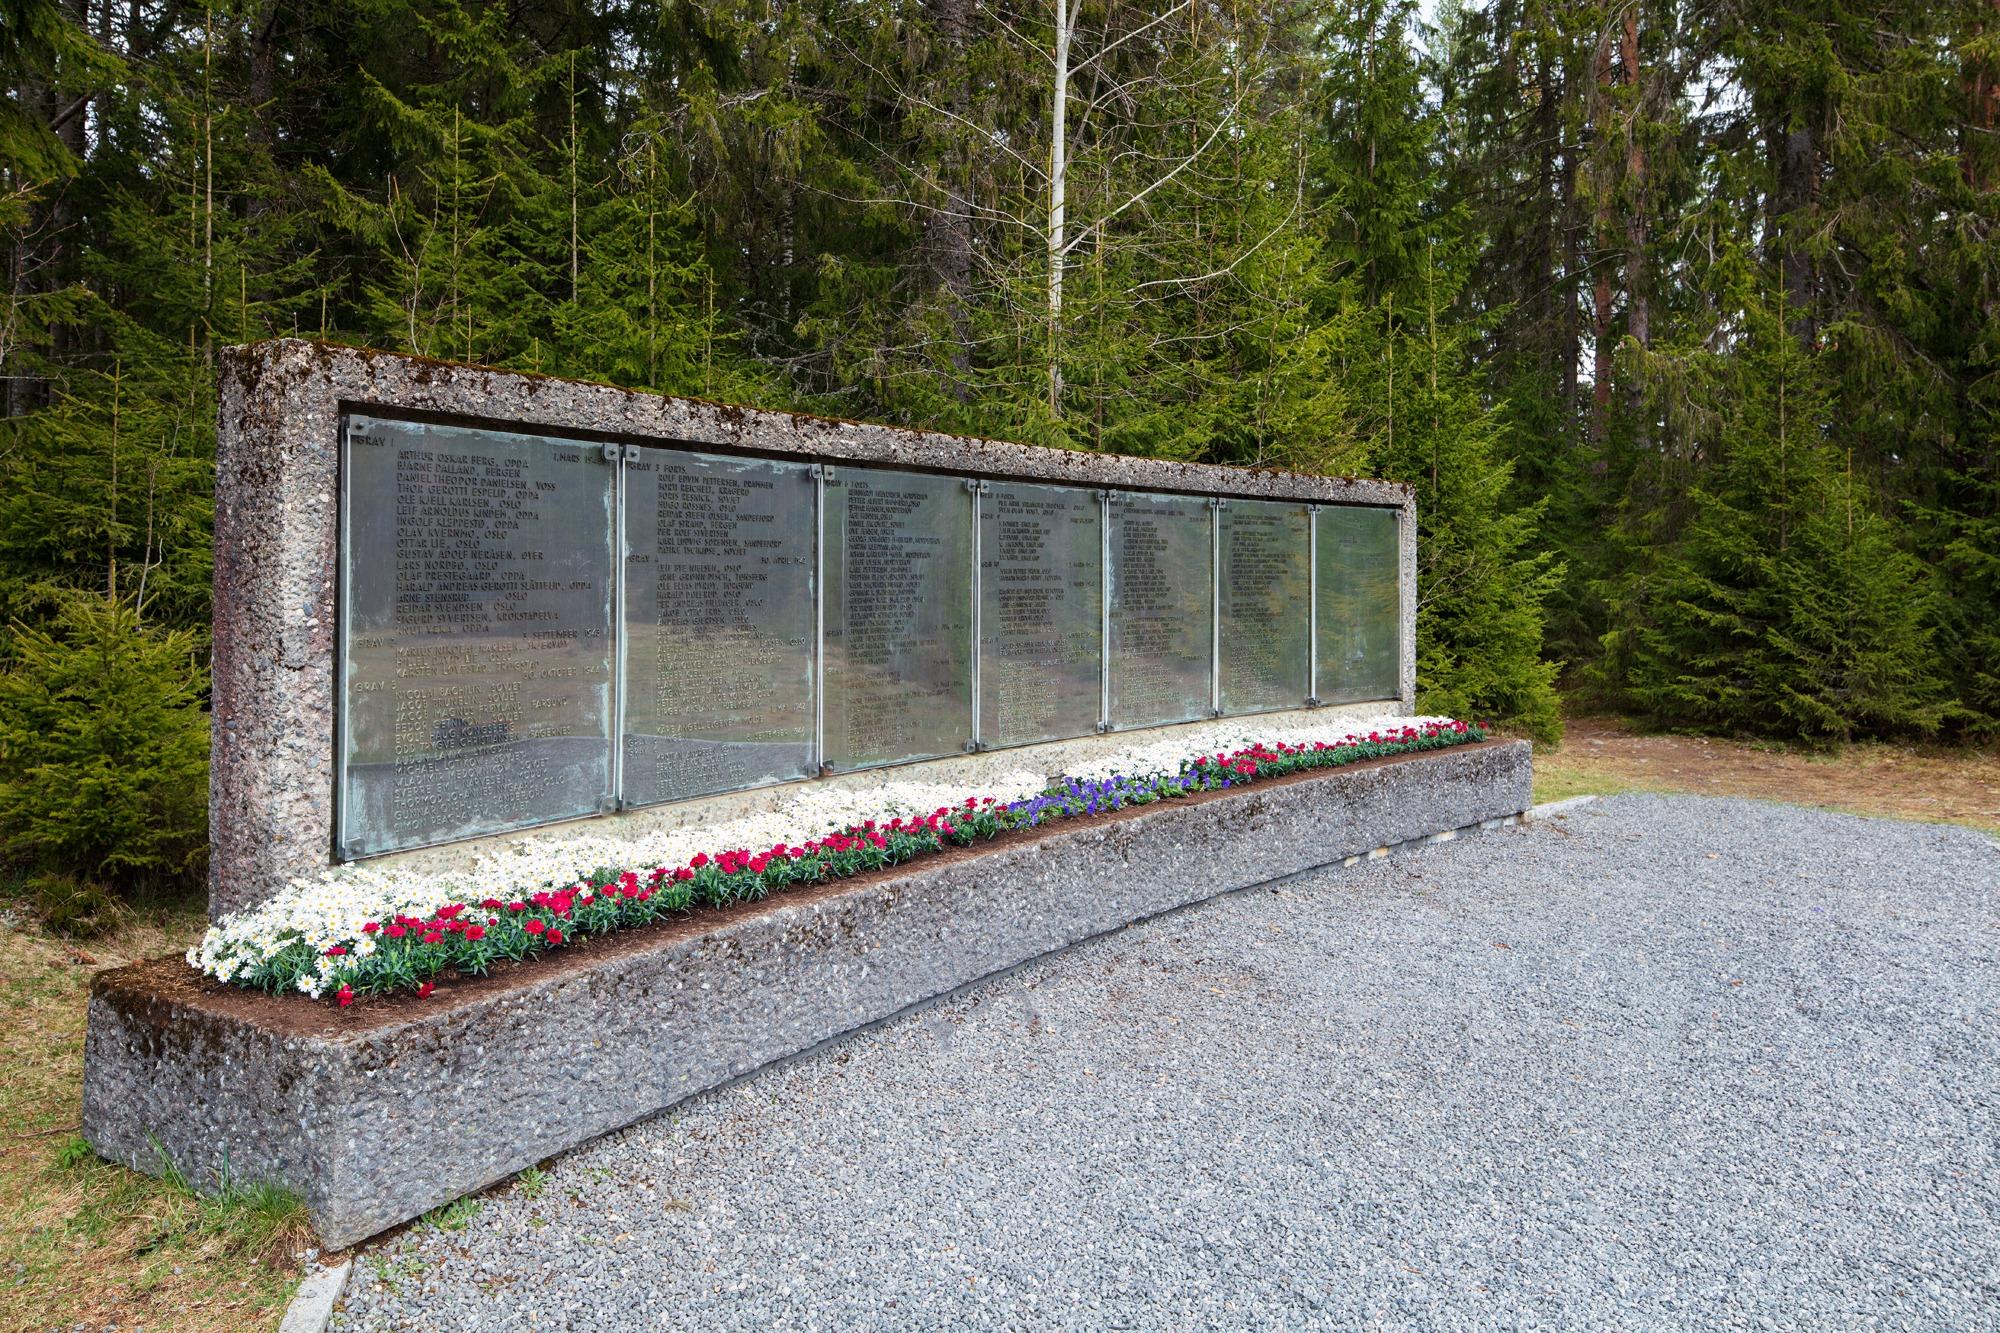 Minnetavle Trandumskogen med navn på de falne